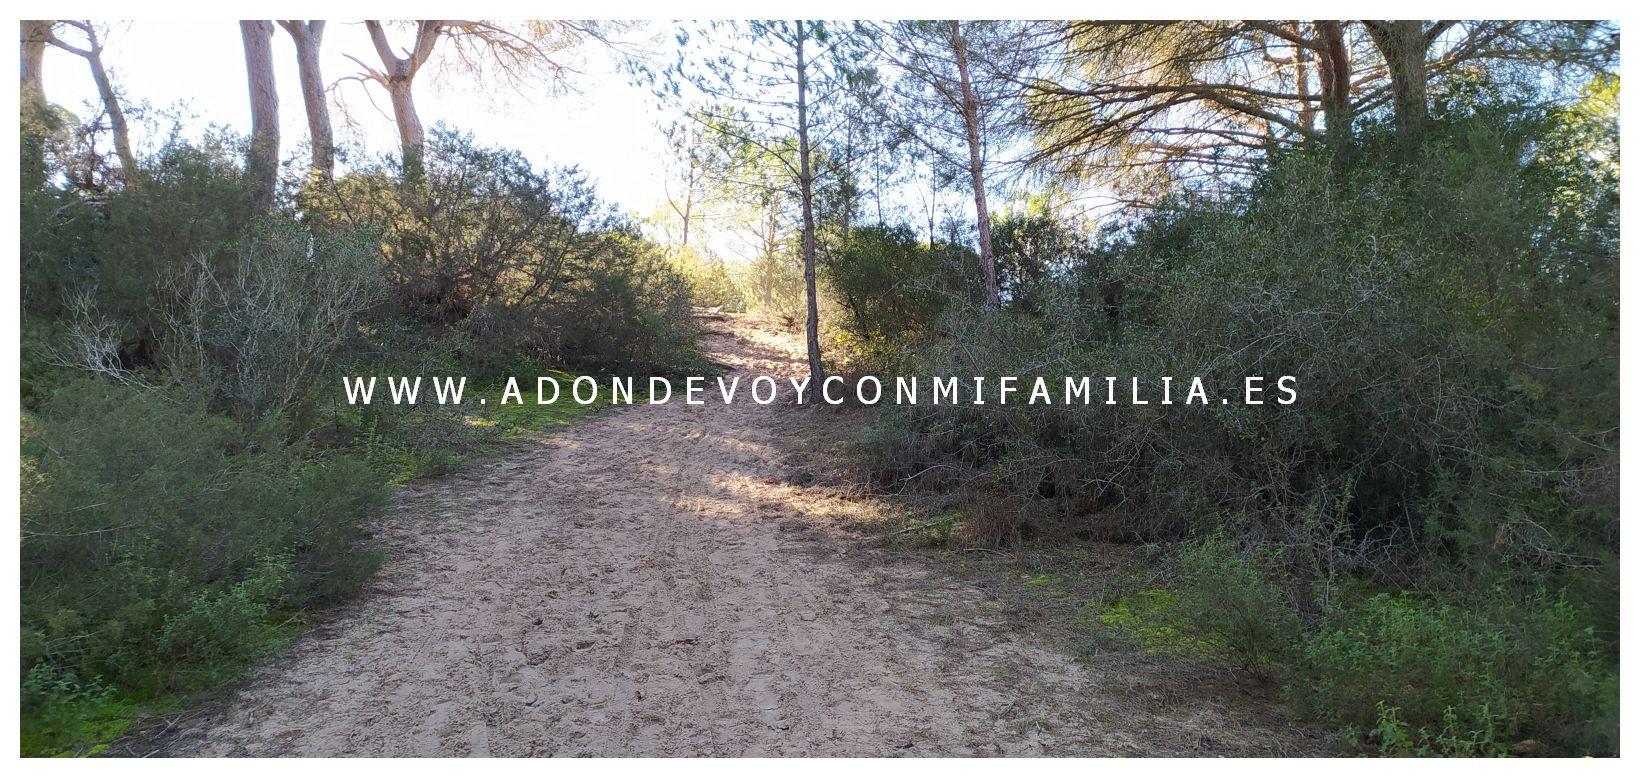 sendero-cerro-del-aguila-pinar-de-la-algaida-sanlucar-adondevoyconmifamilia-07